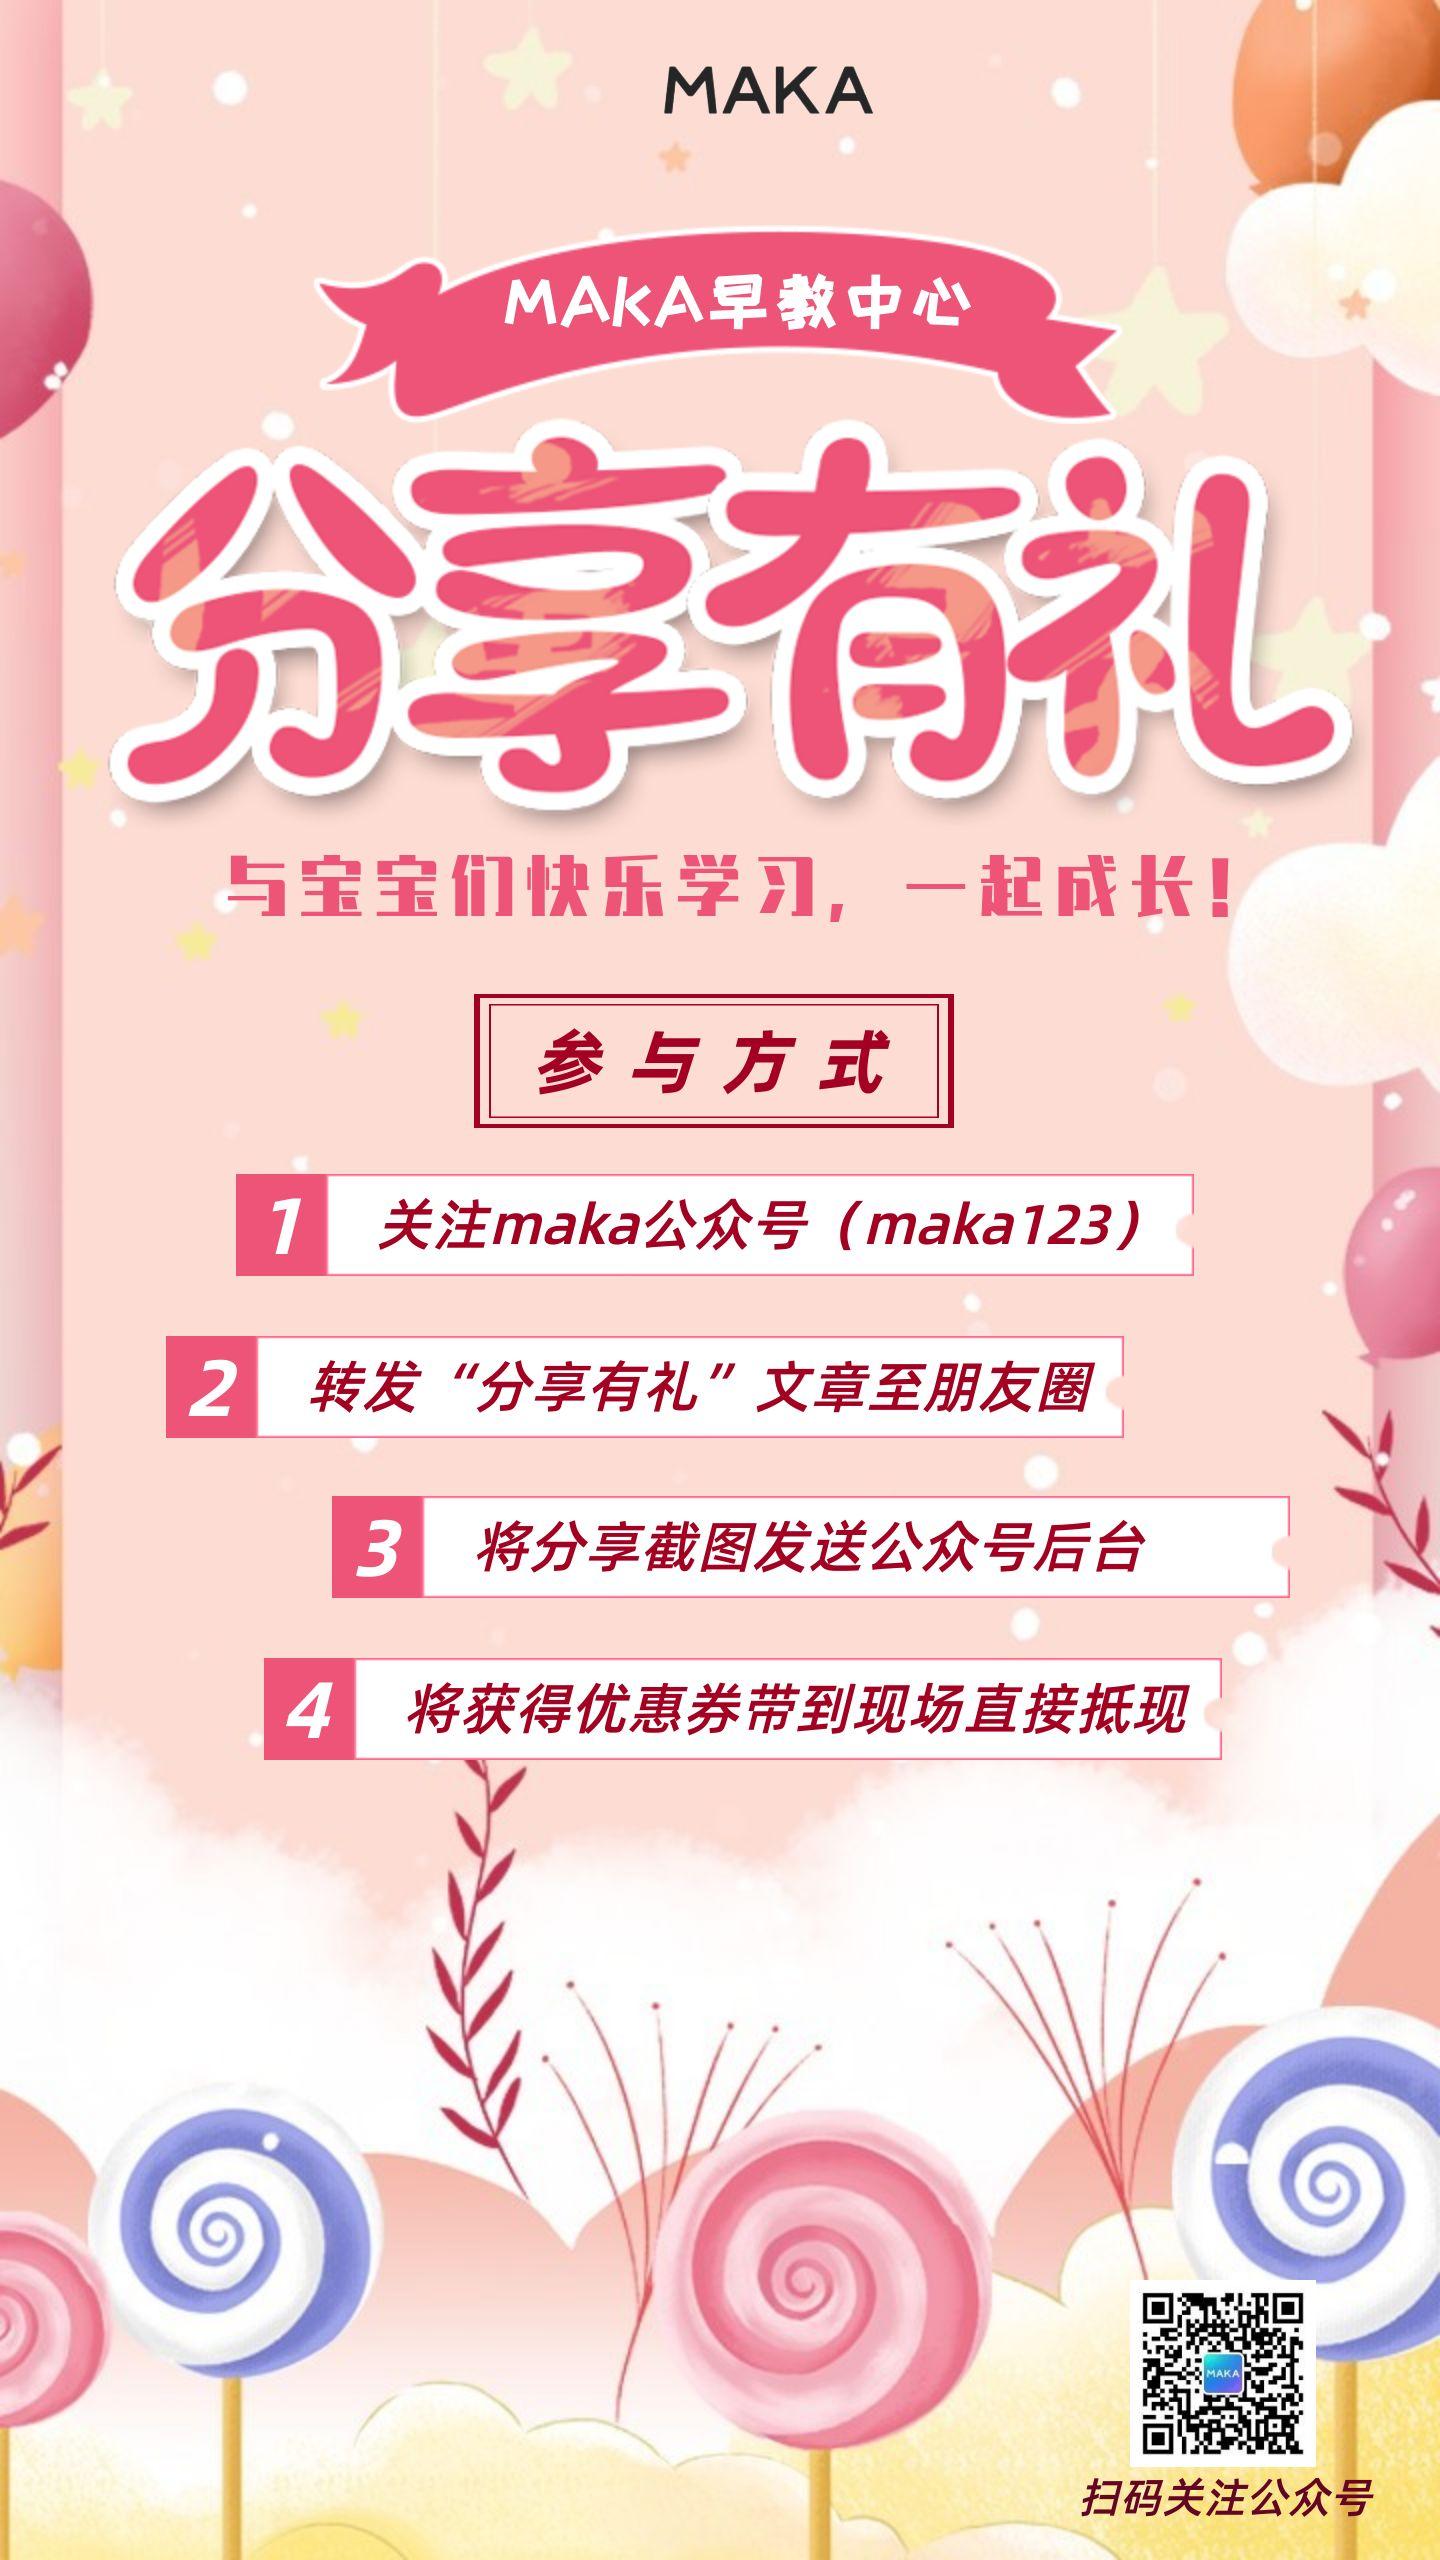 粉色卡通早教中心/兴趣班/辅导中心分享有奖促销活动宣传手机海报